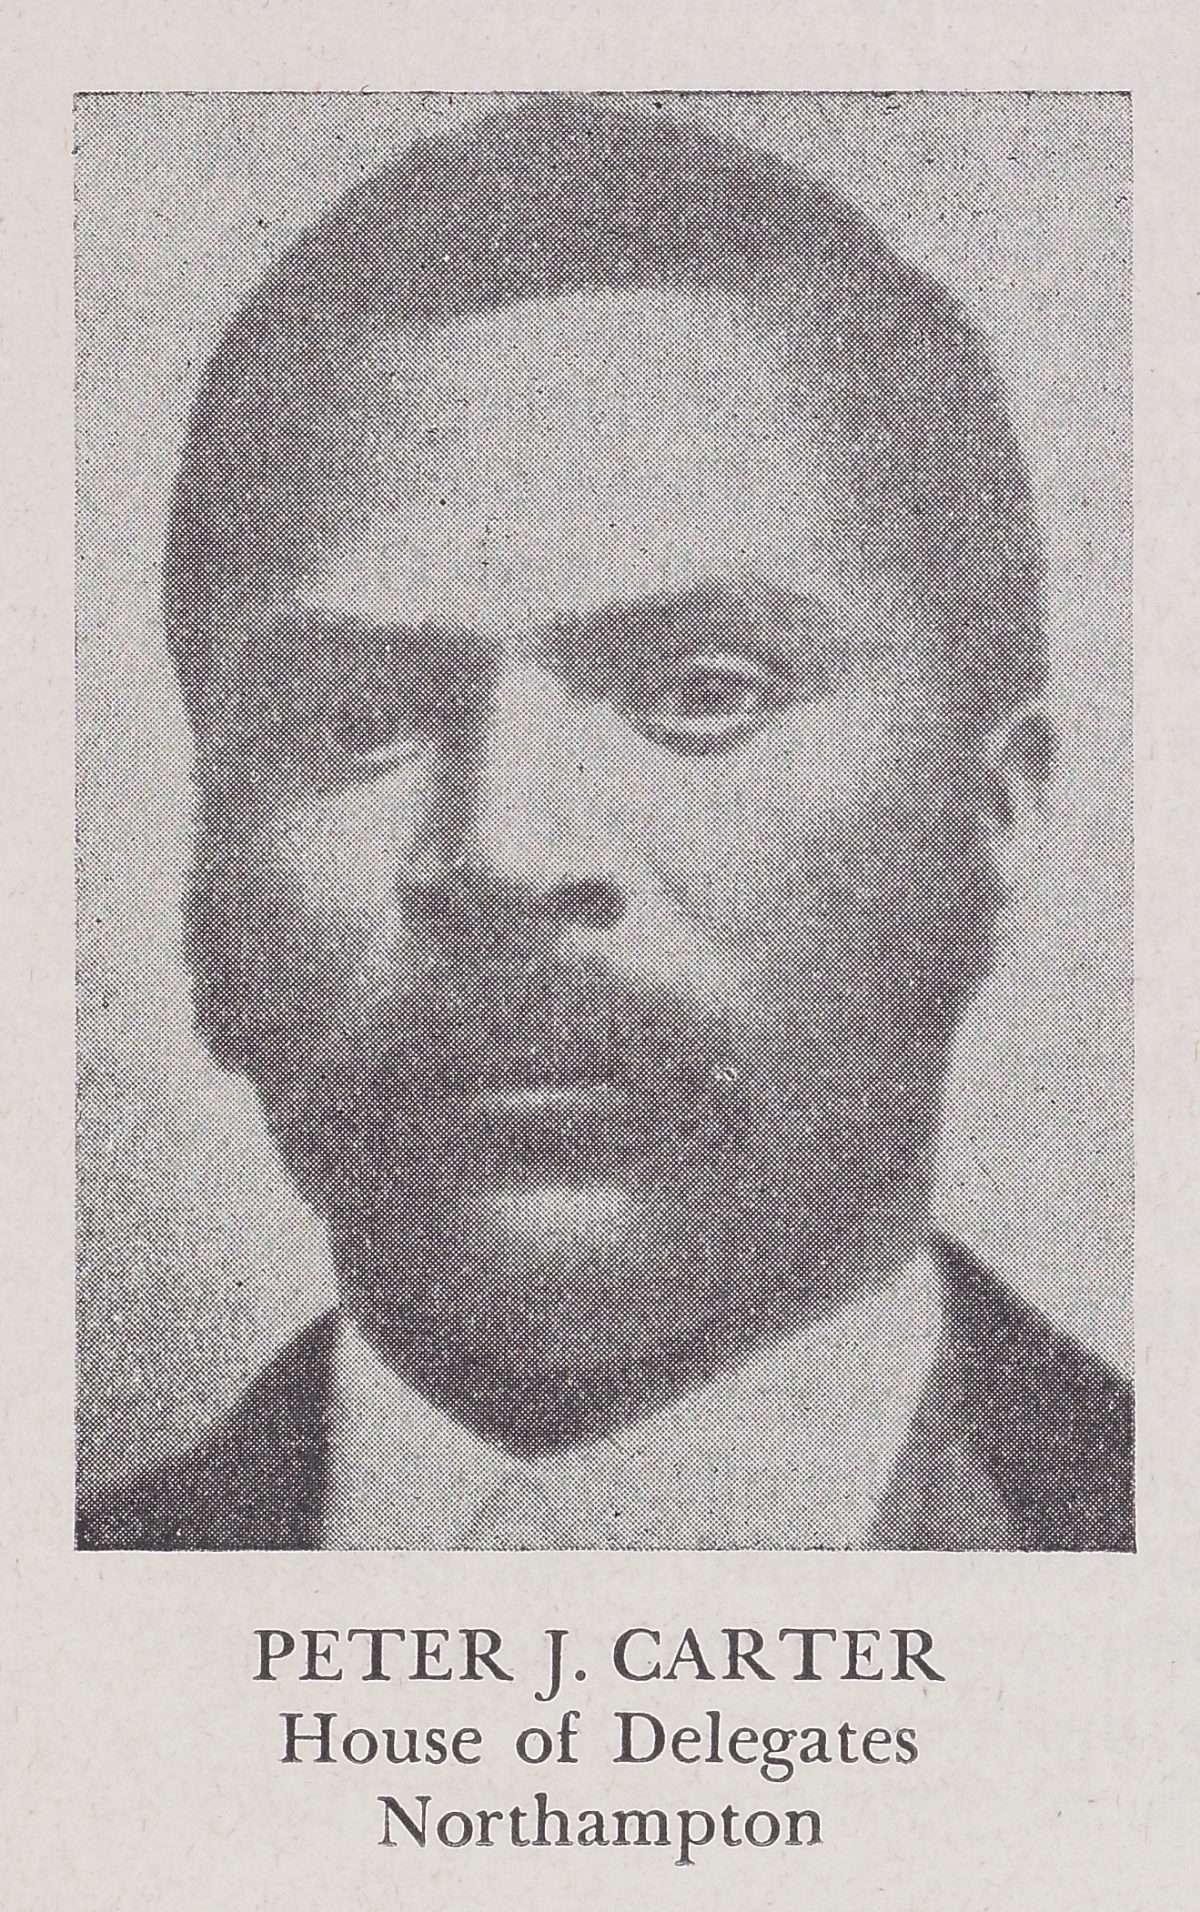 Peter J. Carter